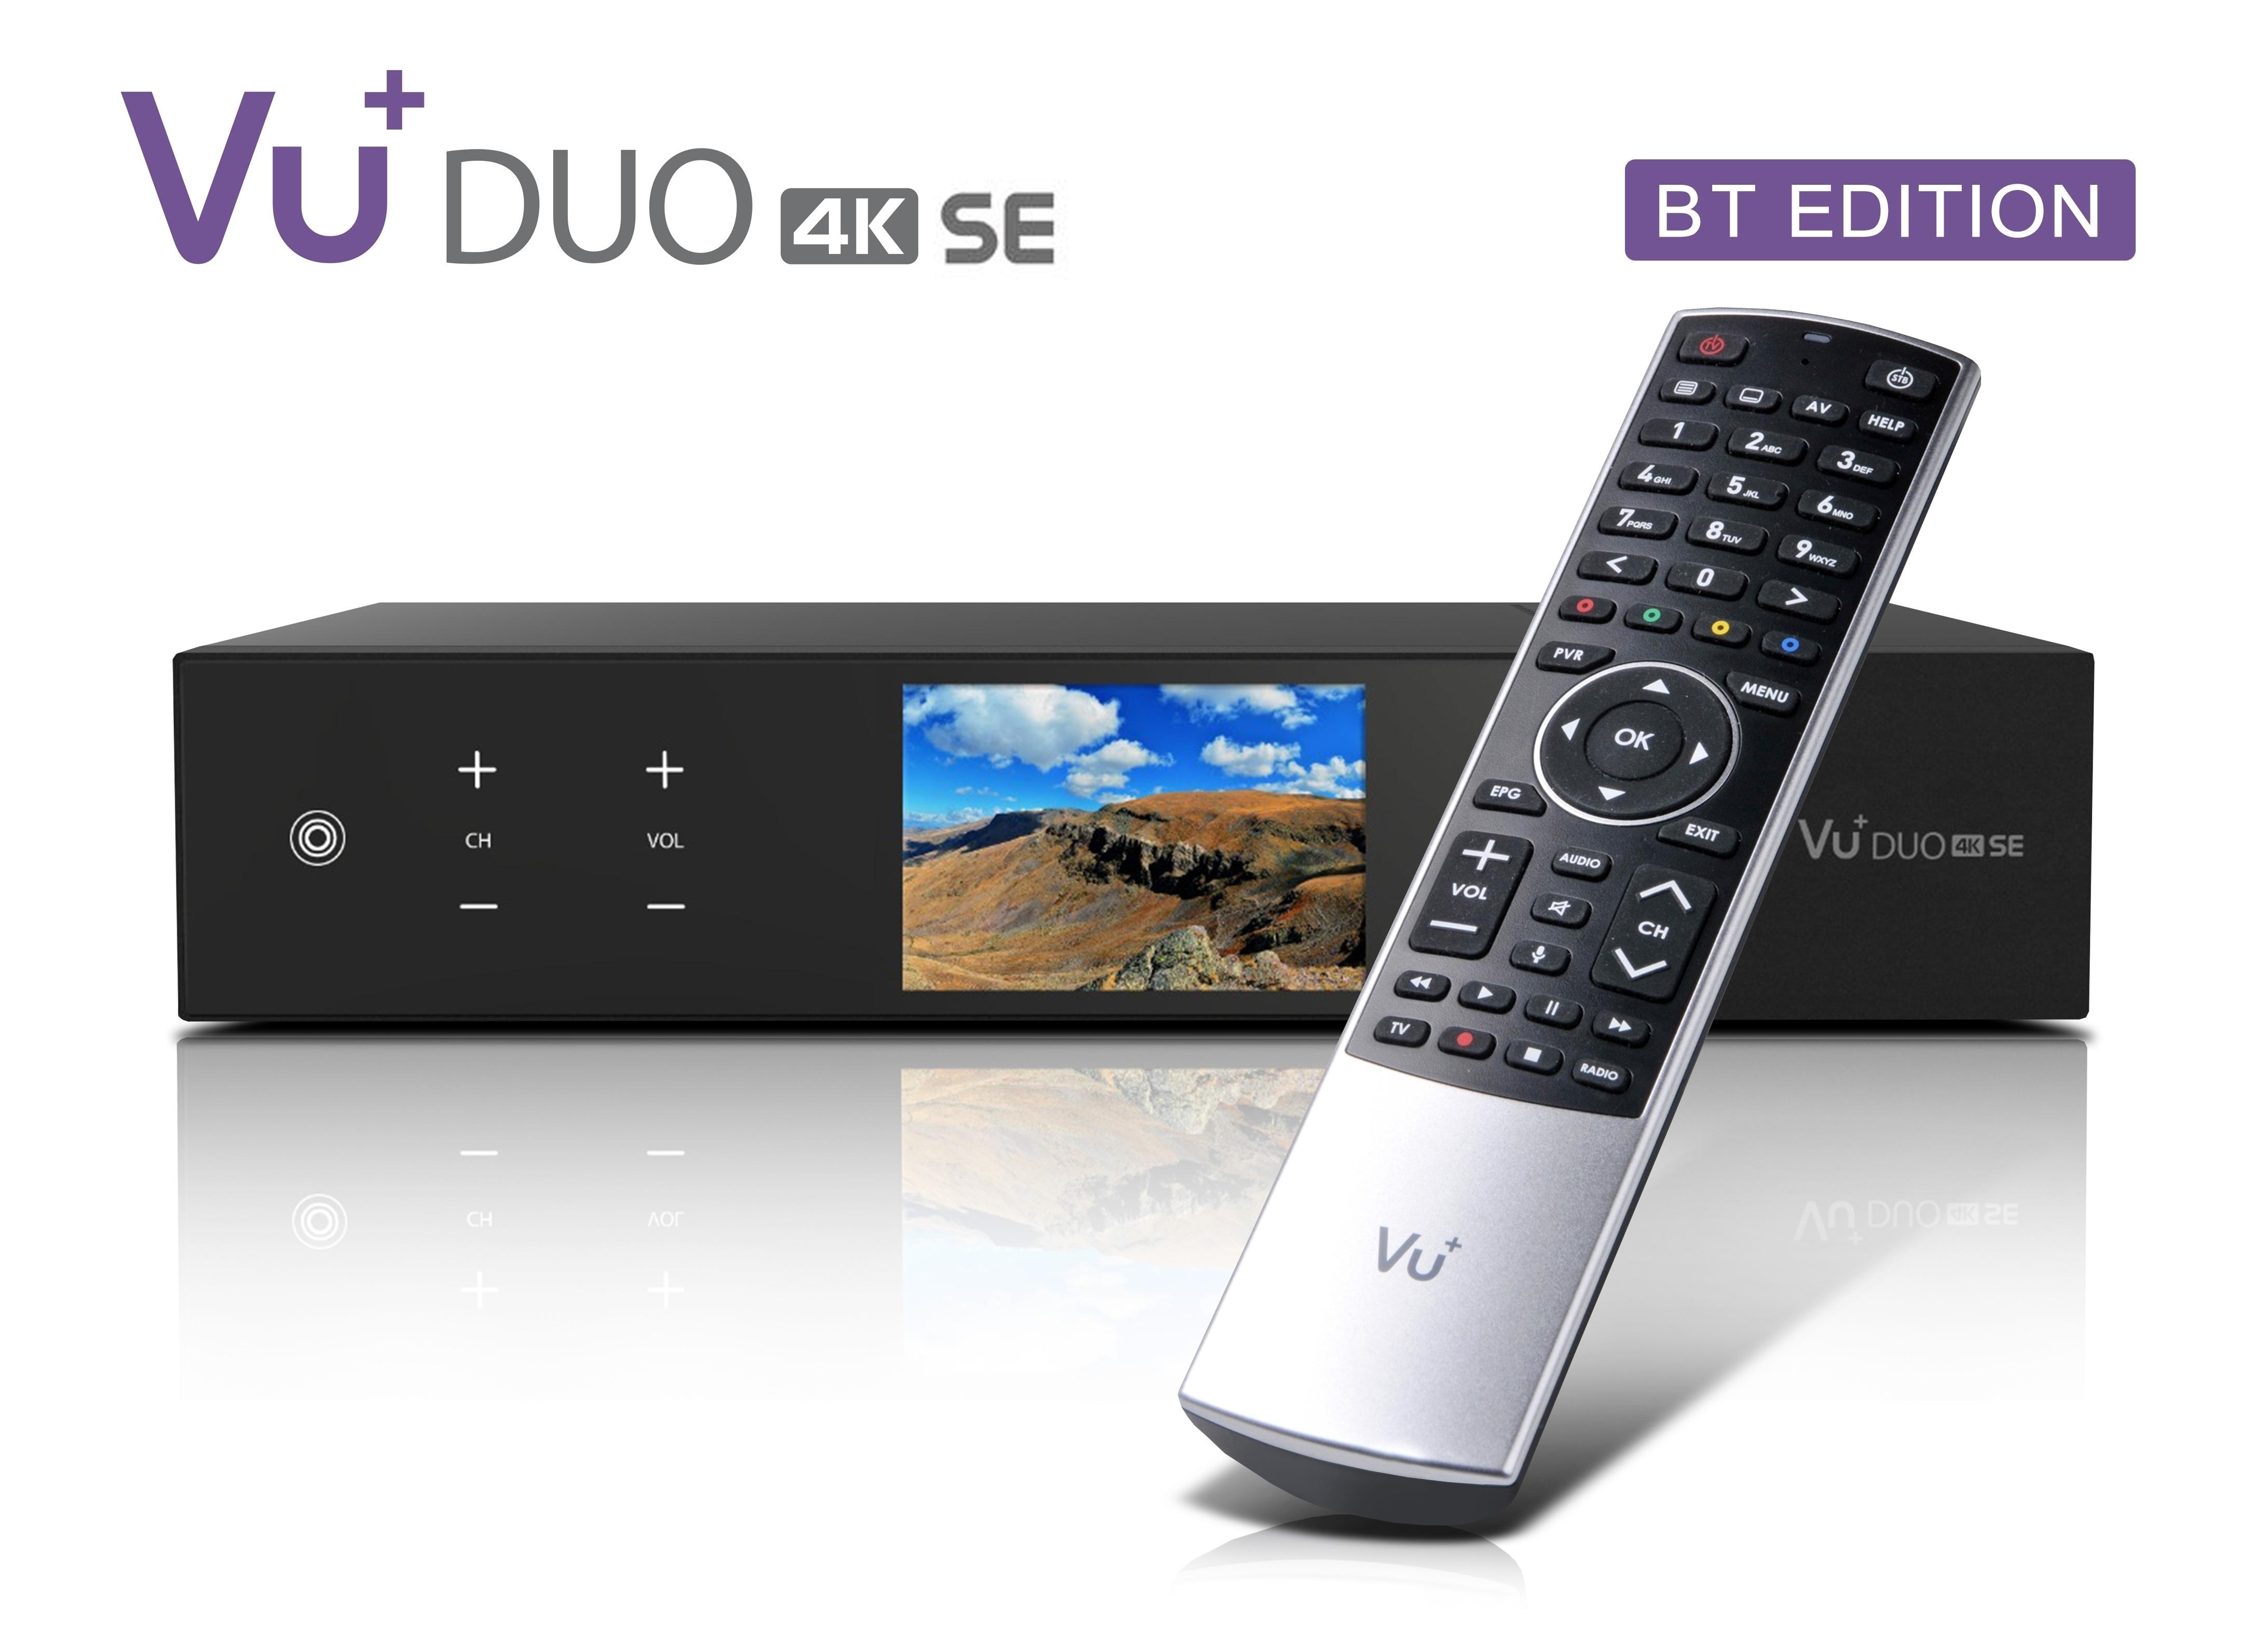 VU+ Duo 4K SE BT 1x DVB-C FBC Tuner 500 GB HDD Linux Receiver UHD 2160p